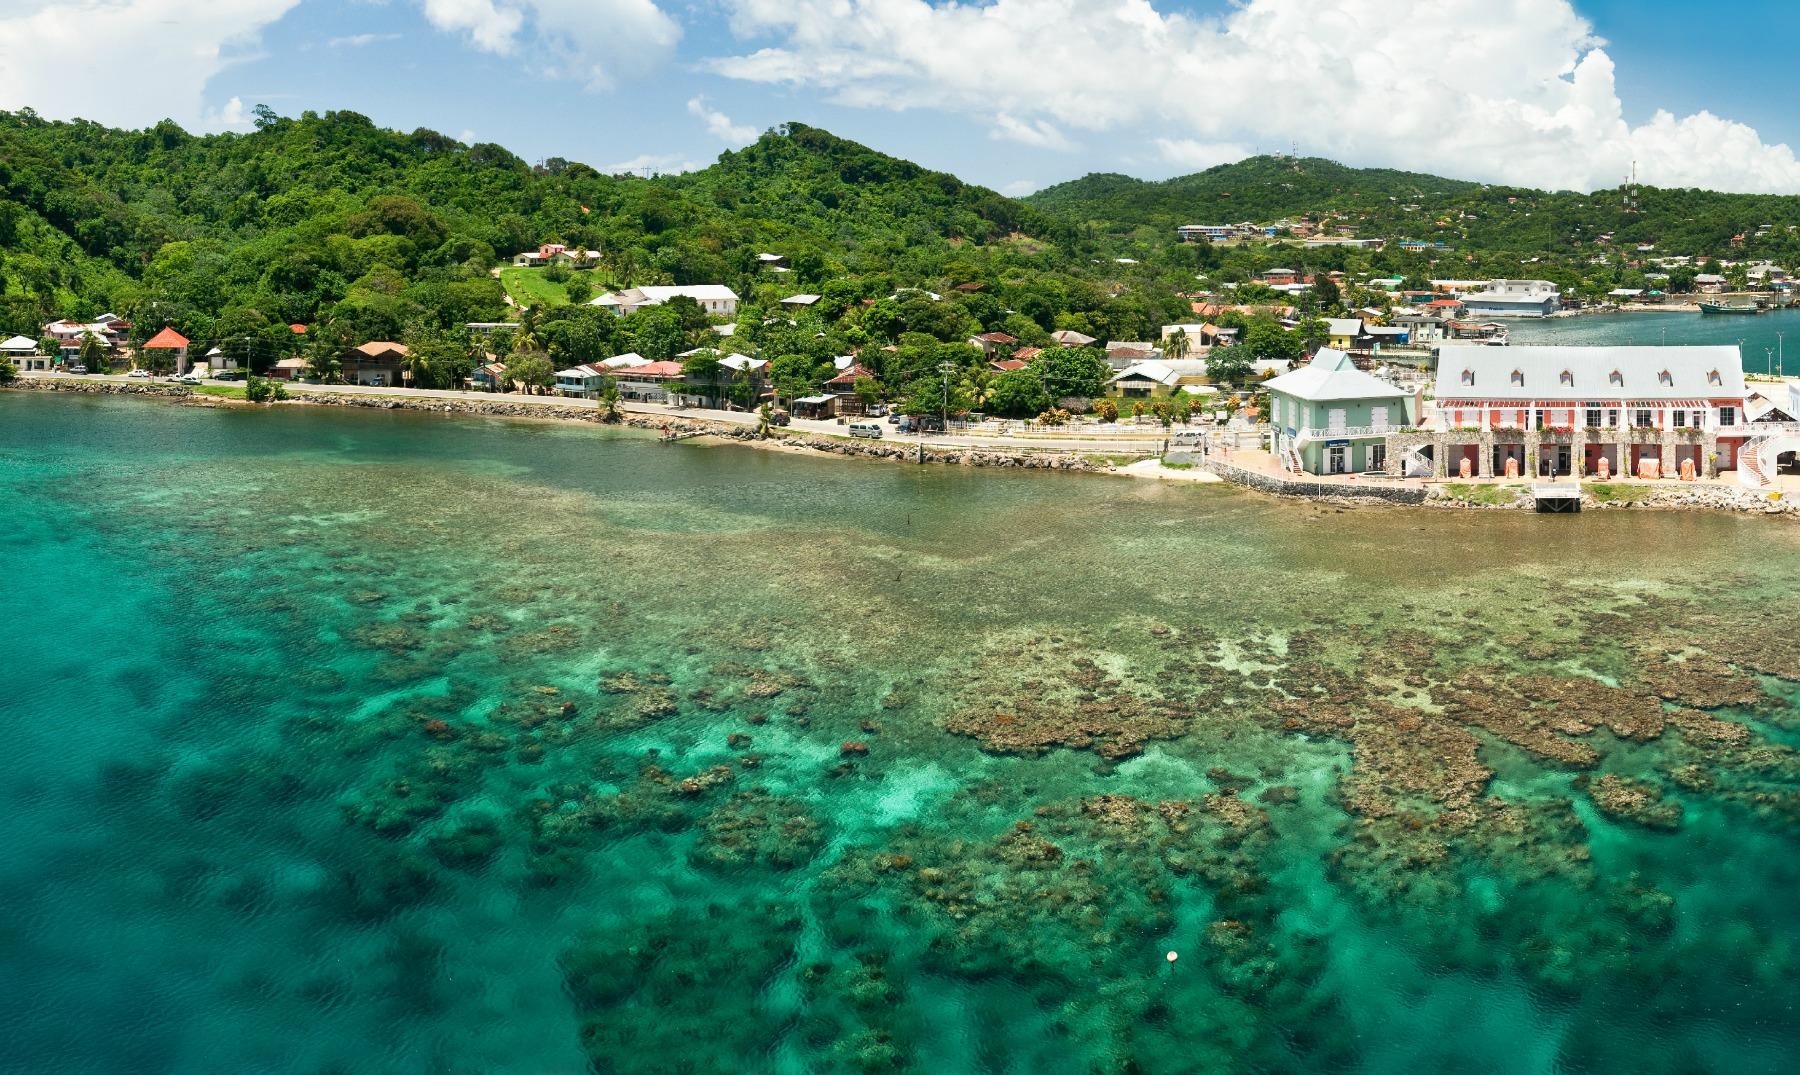 Honduras: ruinas mayas y playas paradisíacas